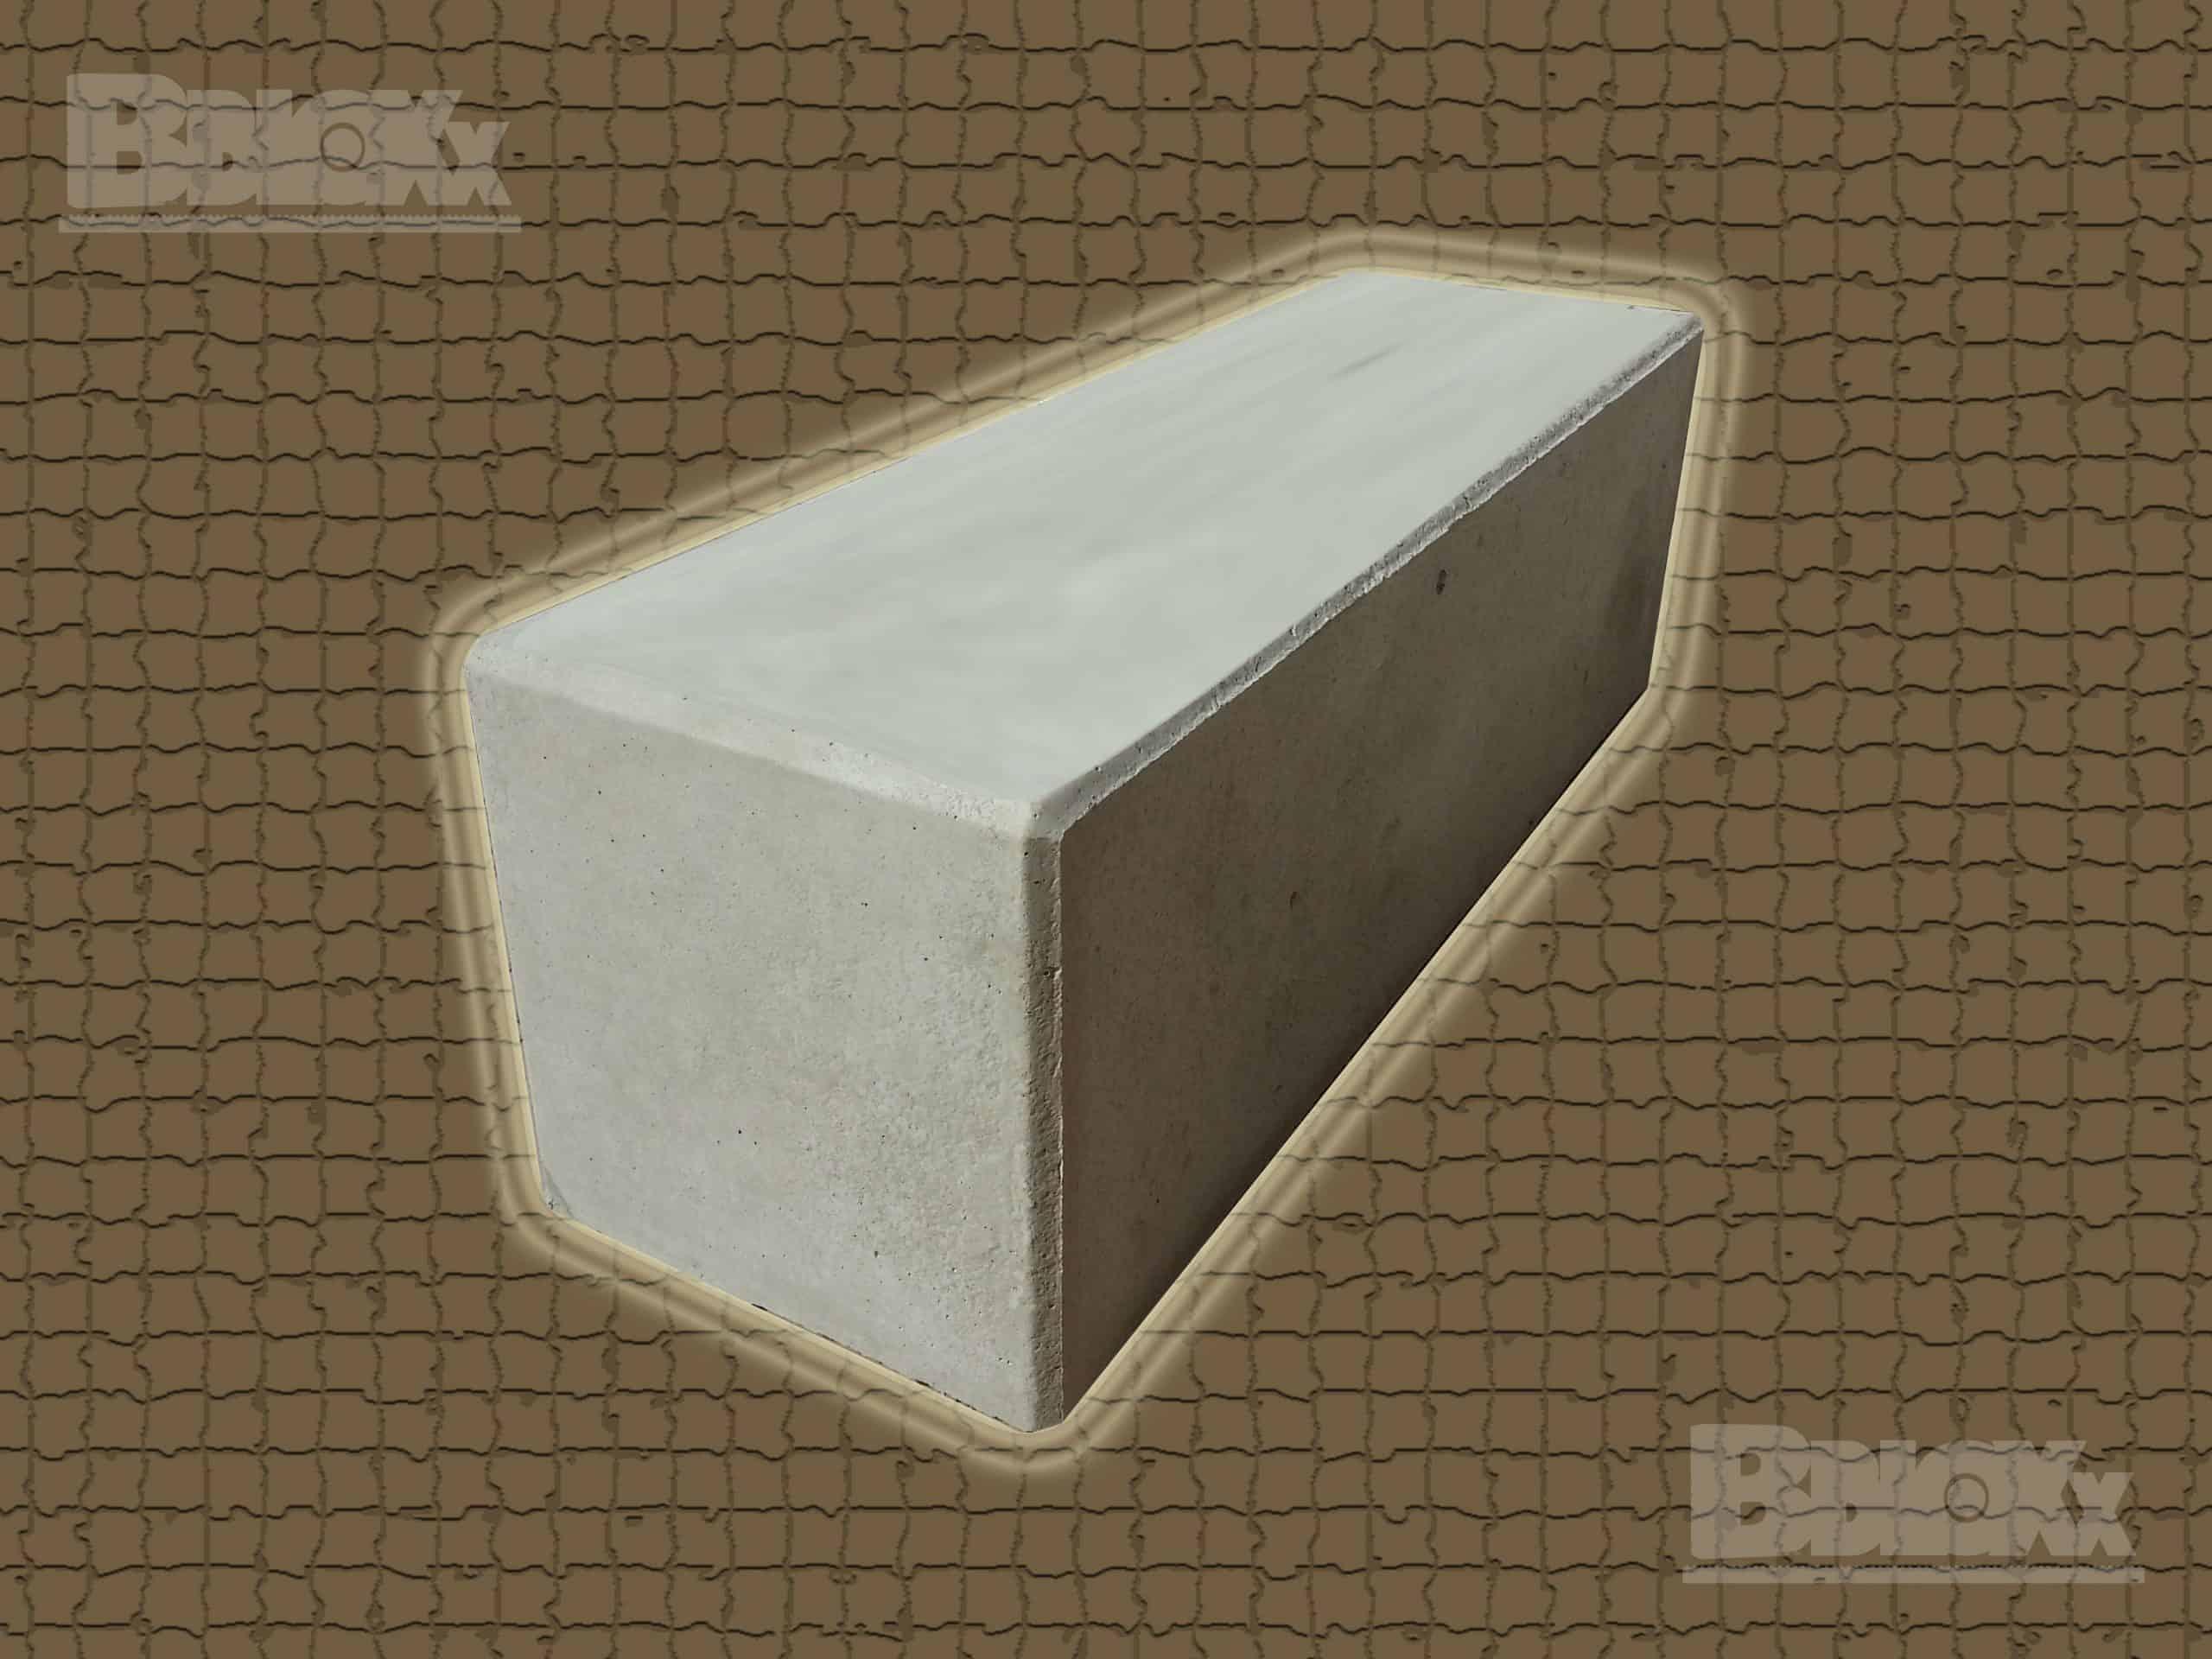 BBloxx-Schnellbaustein | 1.800 x 600 x 600 mm | Beton-Legostein, Betonblock, Beton-Stapelstein